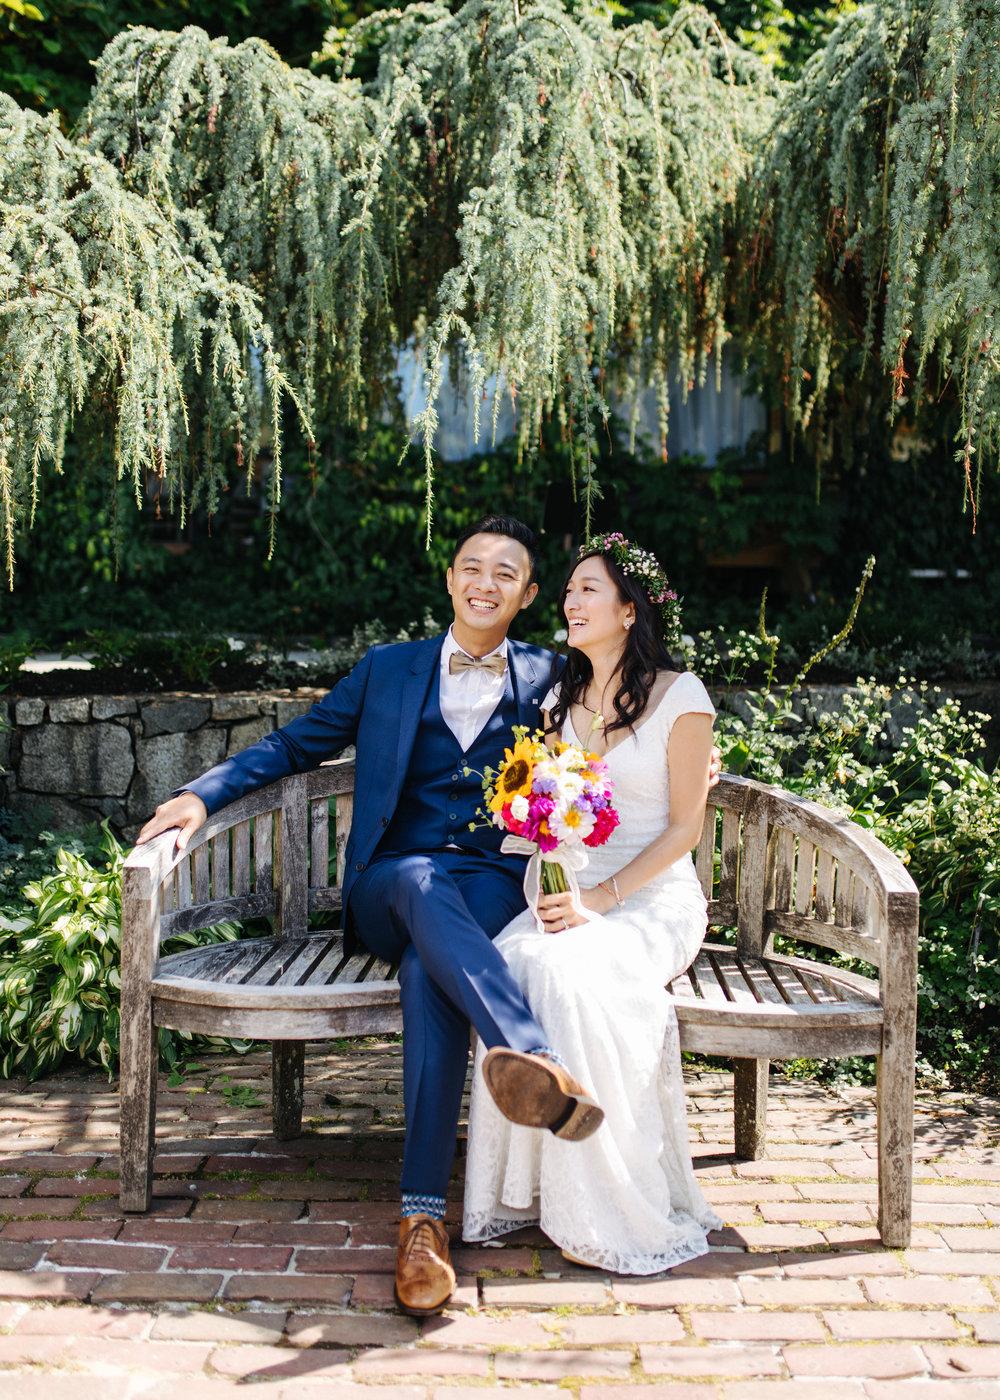 hera-film-van-dusen-wedding-bella-james-52.jpg